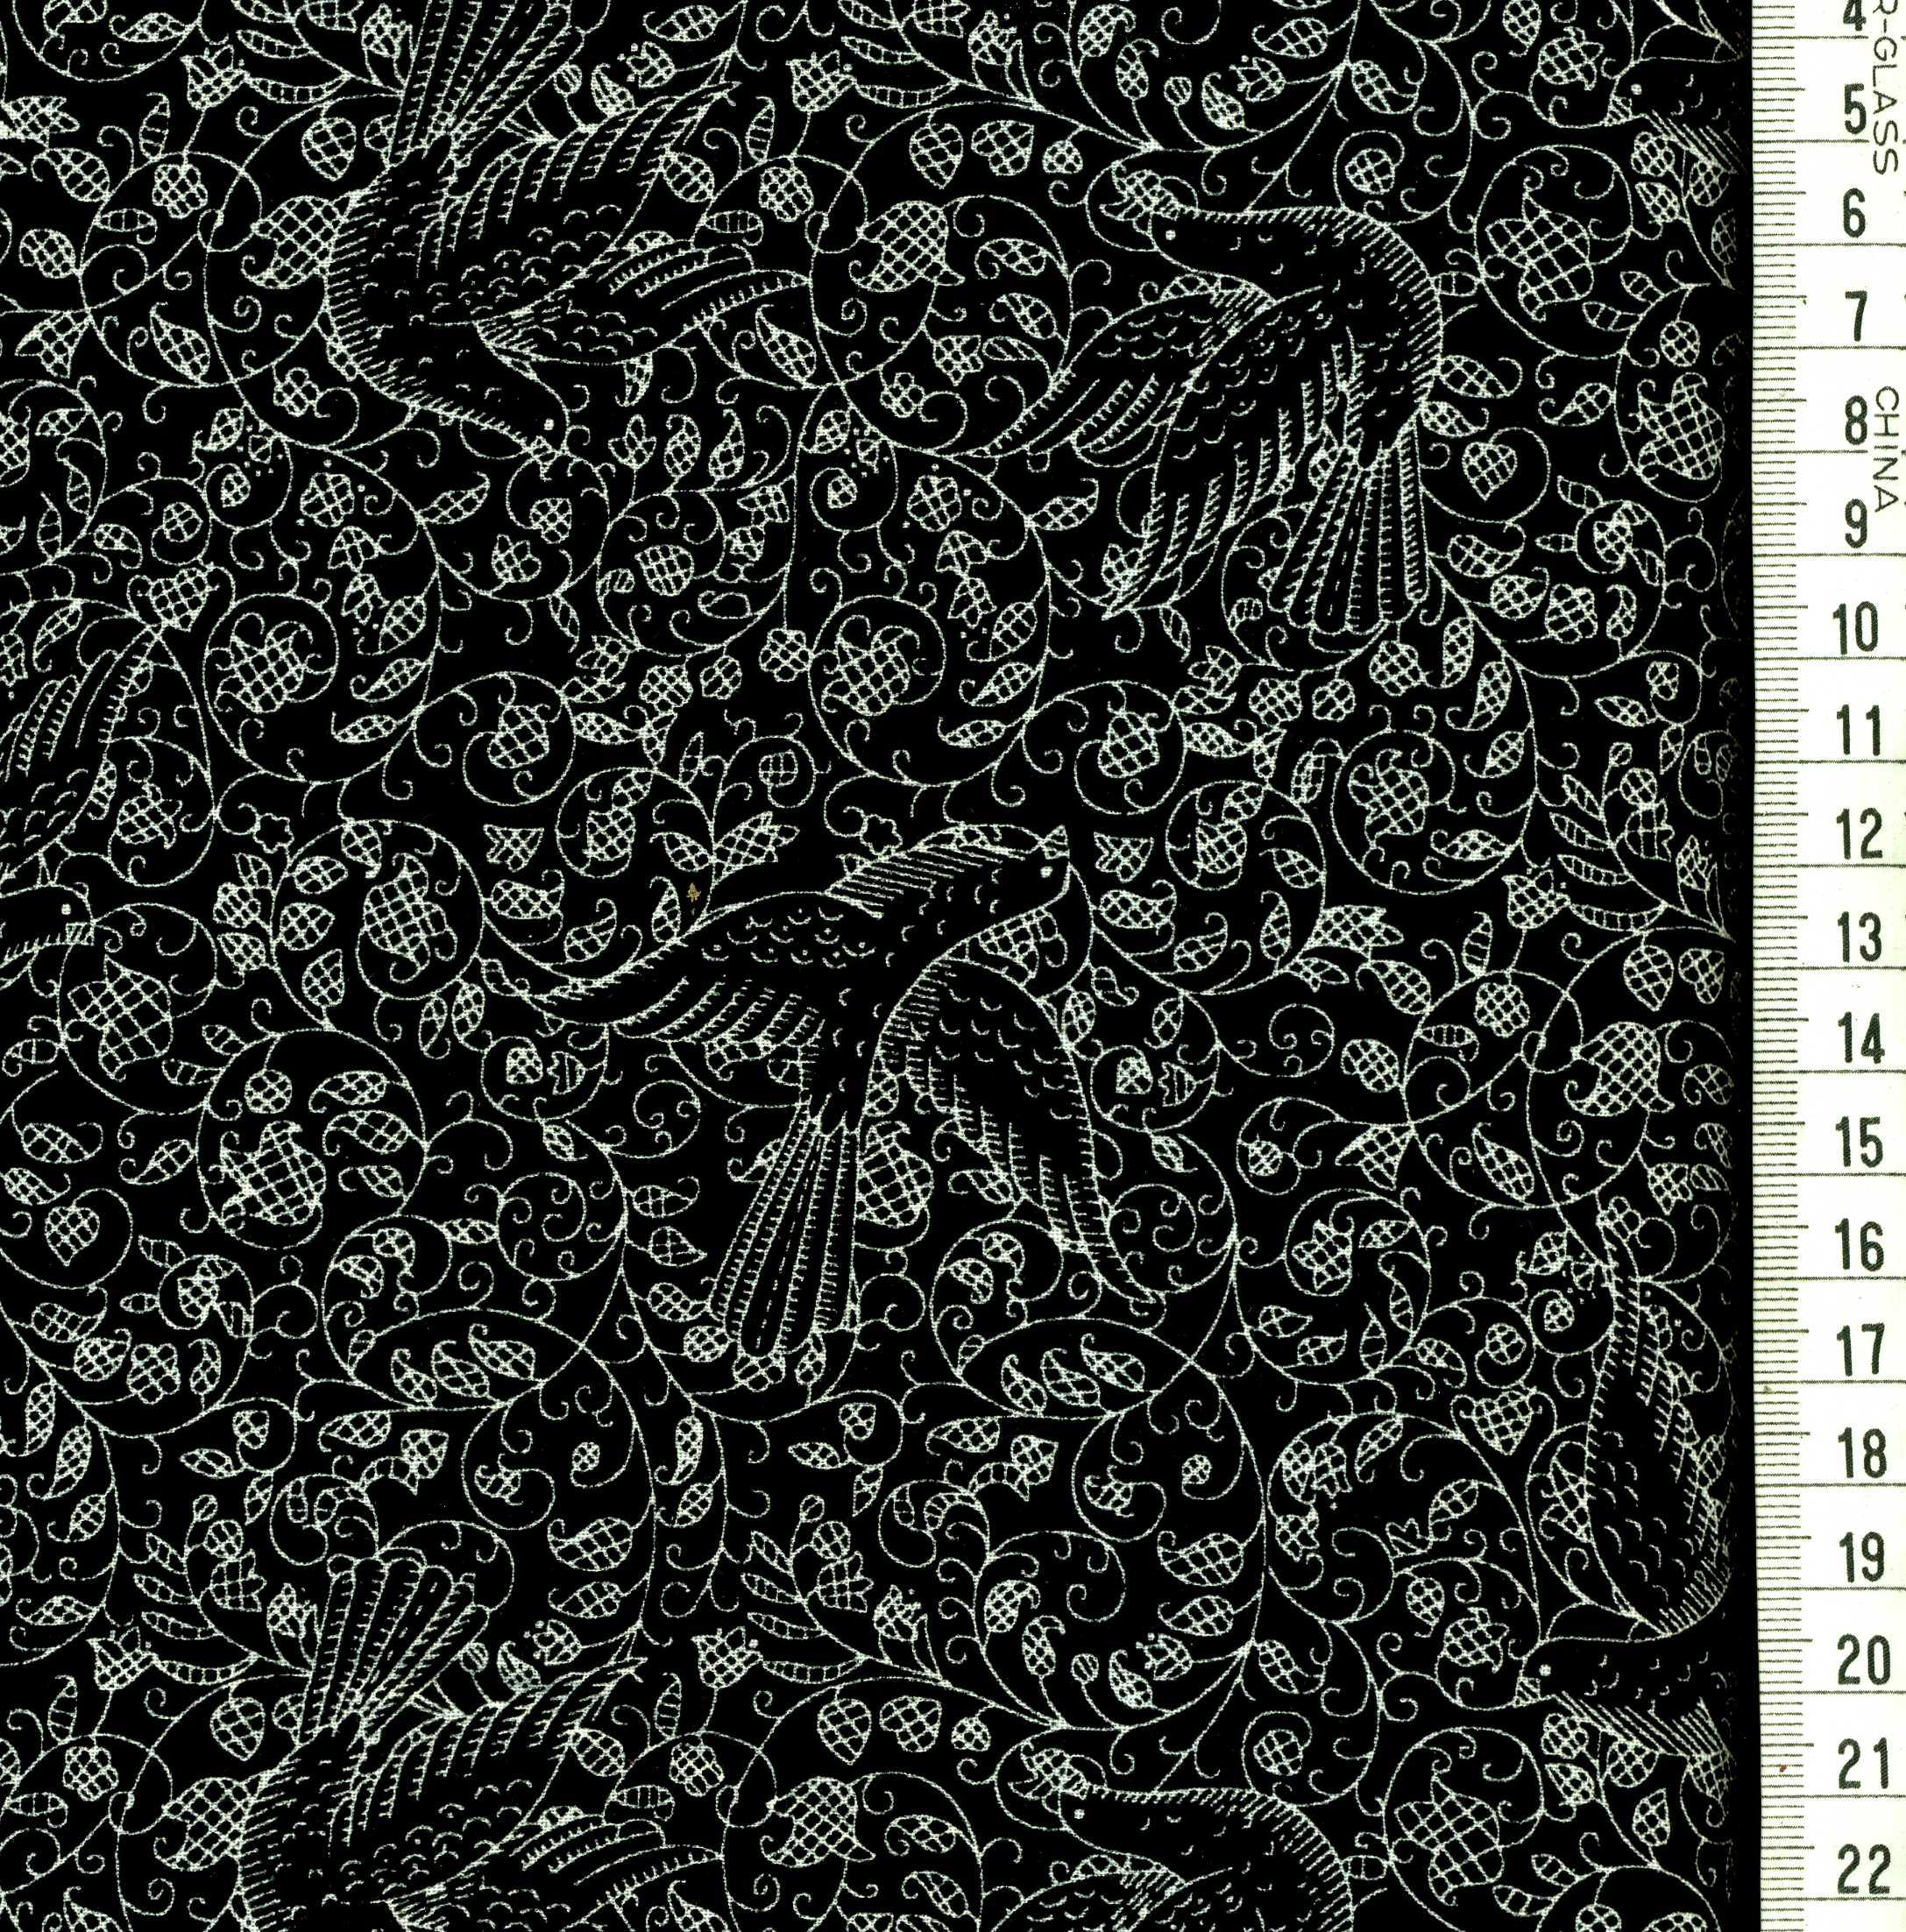 Colombes et feuillage blanc fond noir atelier d 39 art gala l 39 incon - Tissus noir et blanc ...